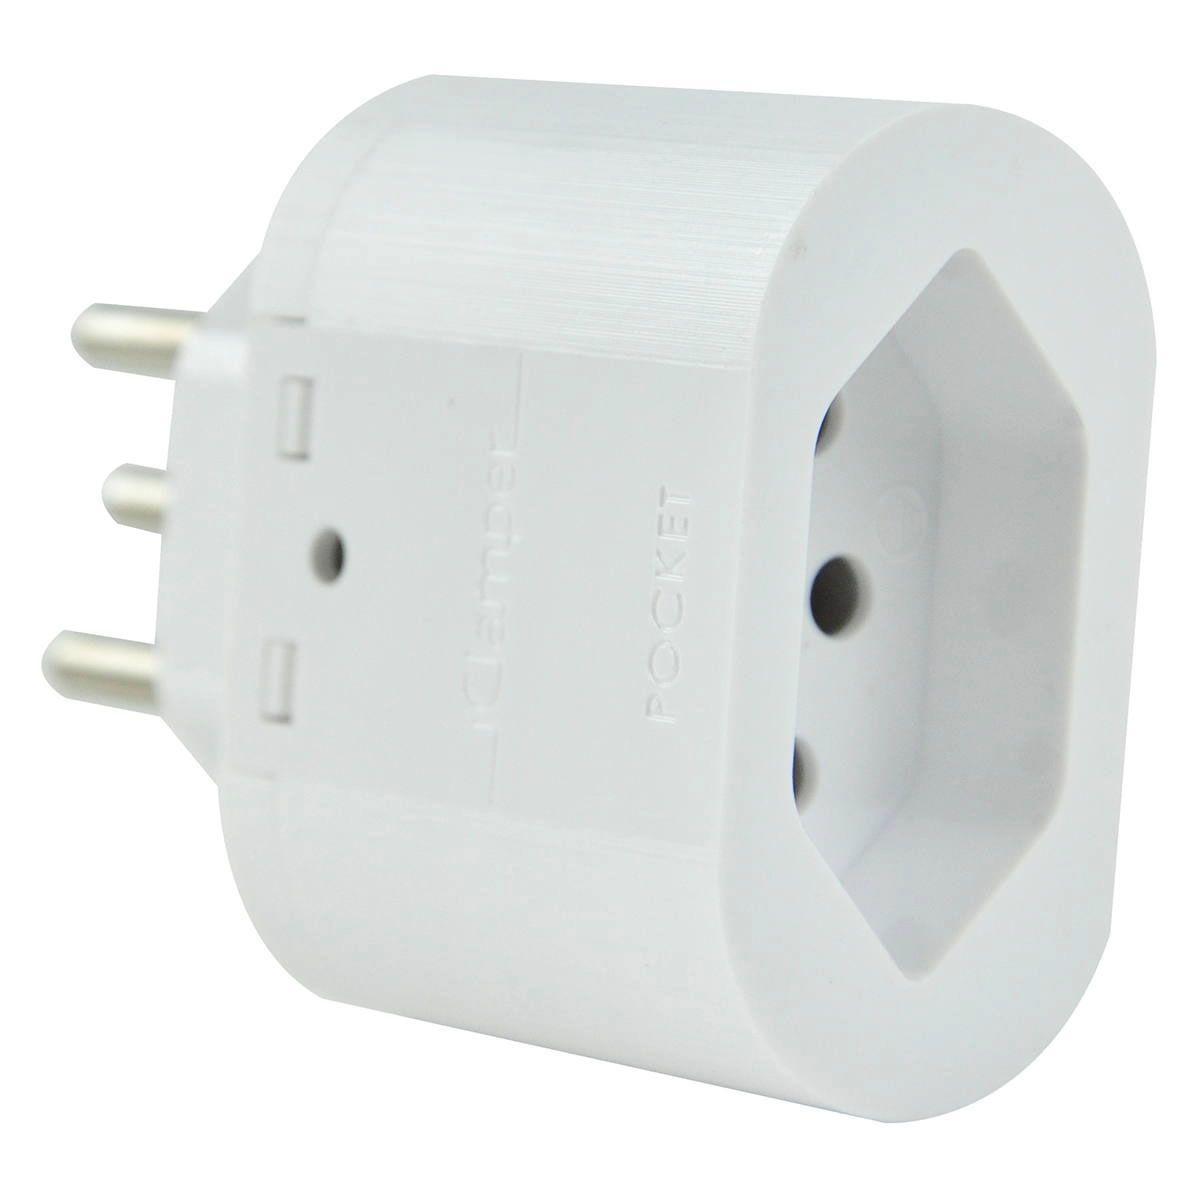 Proteção contra Surto e Raios Clamper Pocket Dps 3 Pinos 10a Branco